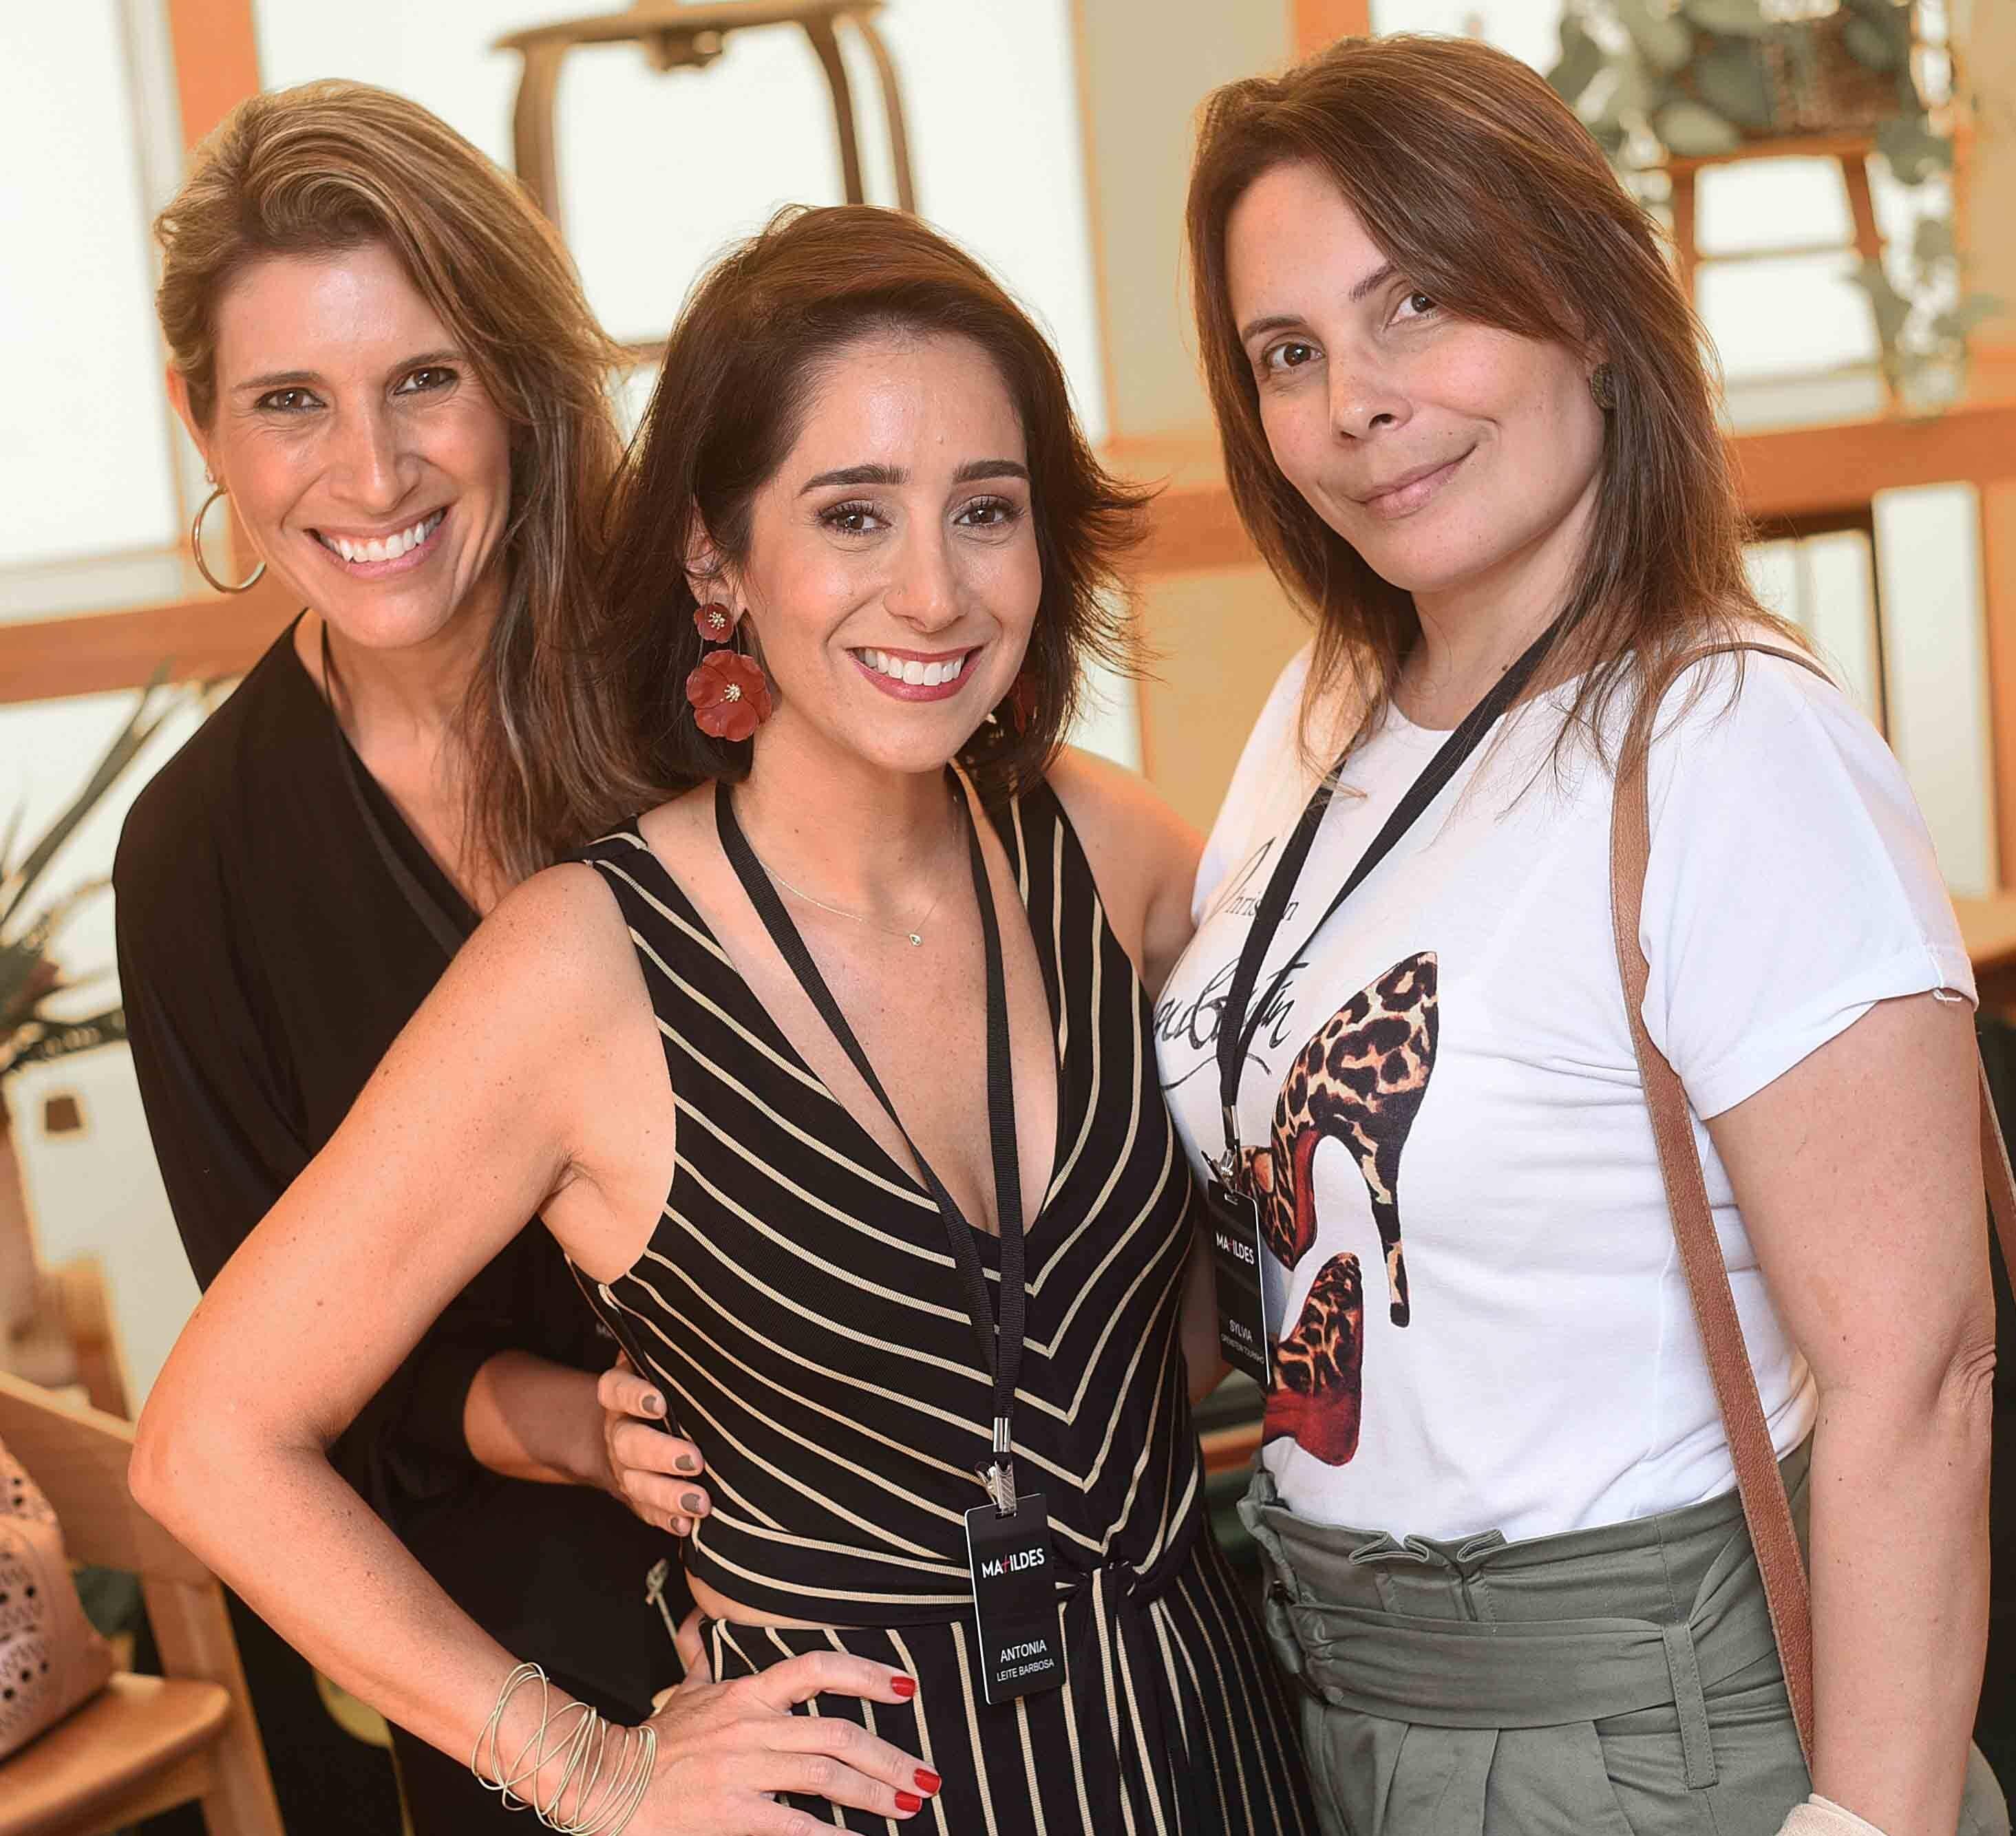 Juliana Moscofian, Antonia Leite Barbosa e Sylvia Orenstein Tourinho  /Foto: Ari Kaye